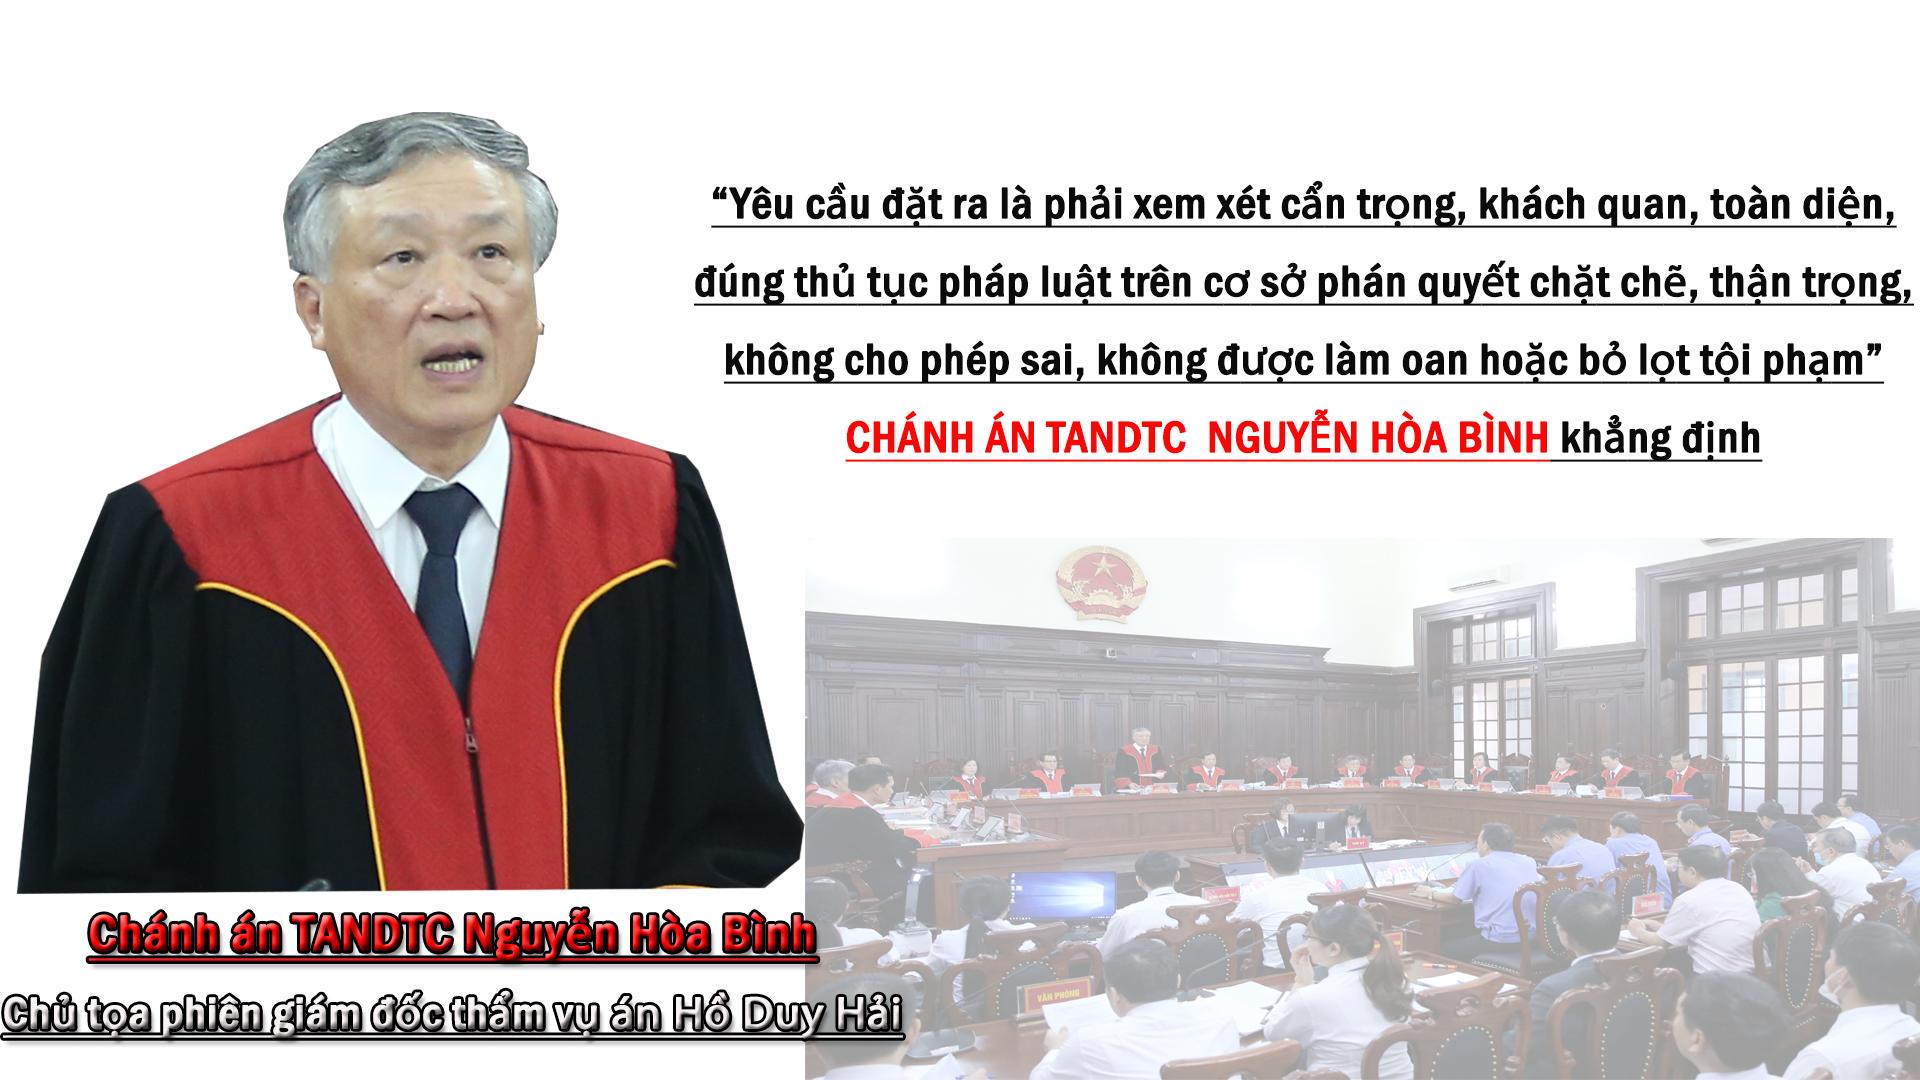 Vụ án tử tù Hồ Duy Hải: Hồi hộp chờ kết quả giám đốc thẩm ảnh 9